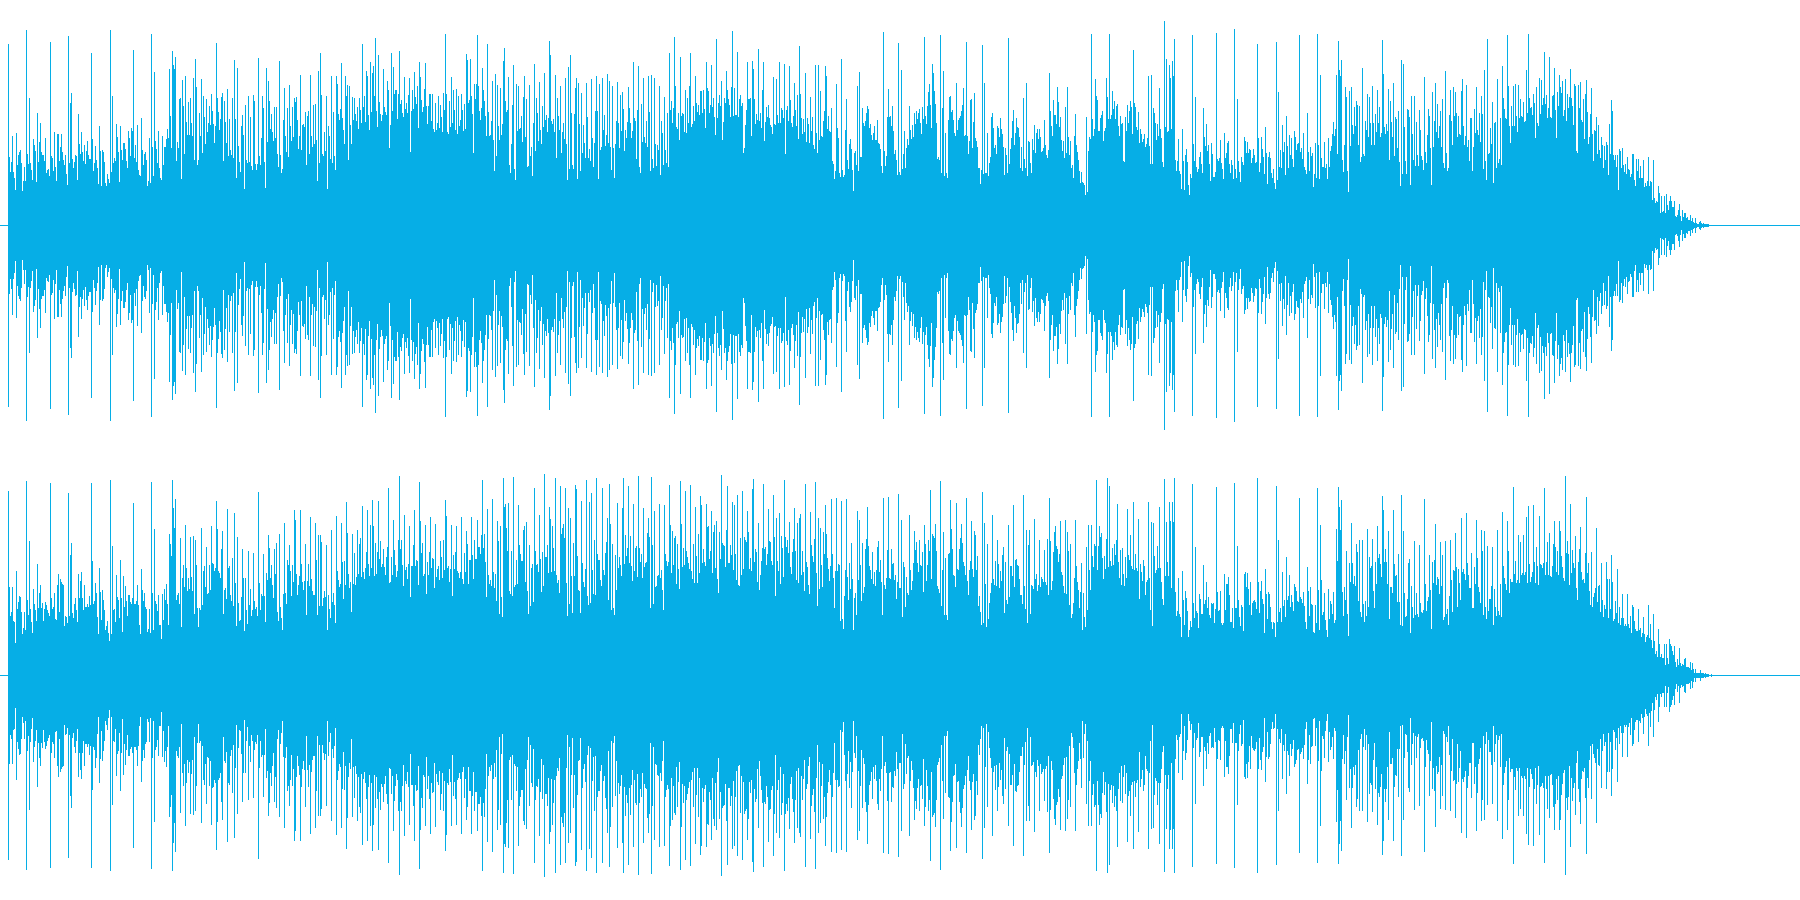 ファンタジーRPG等のダンジョン、ワン…の再生済みの波形